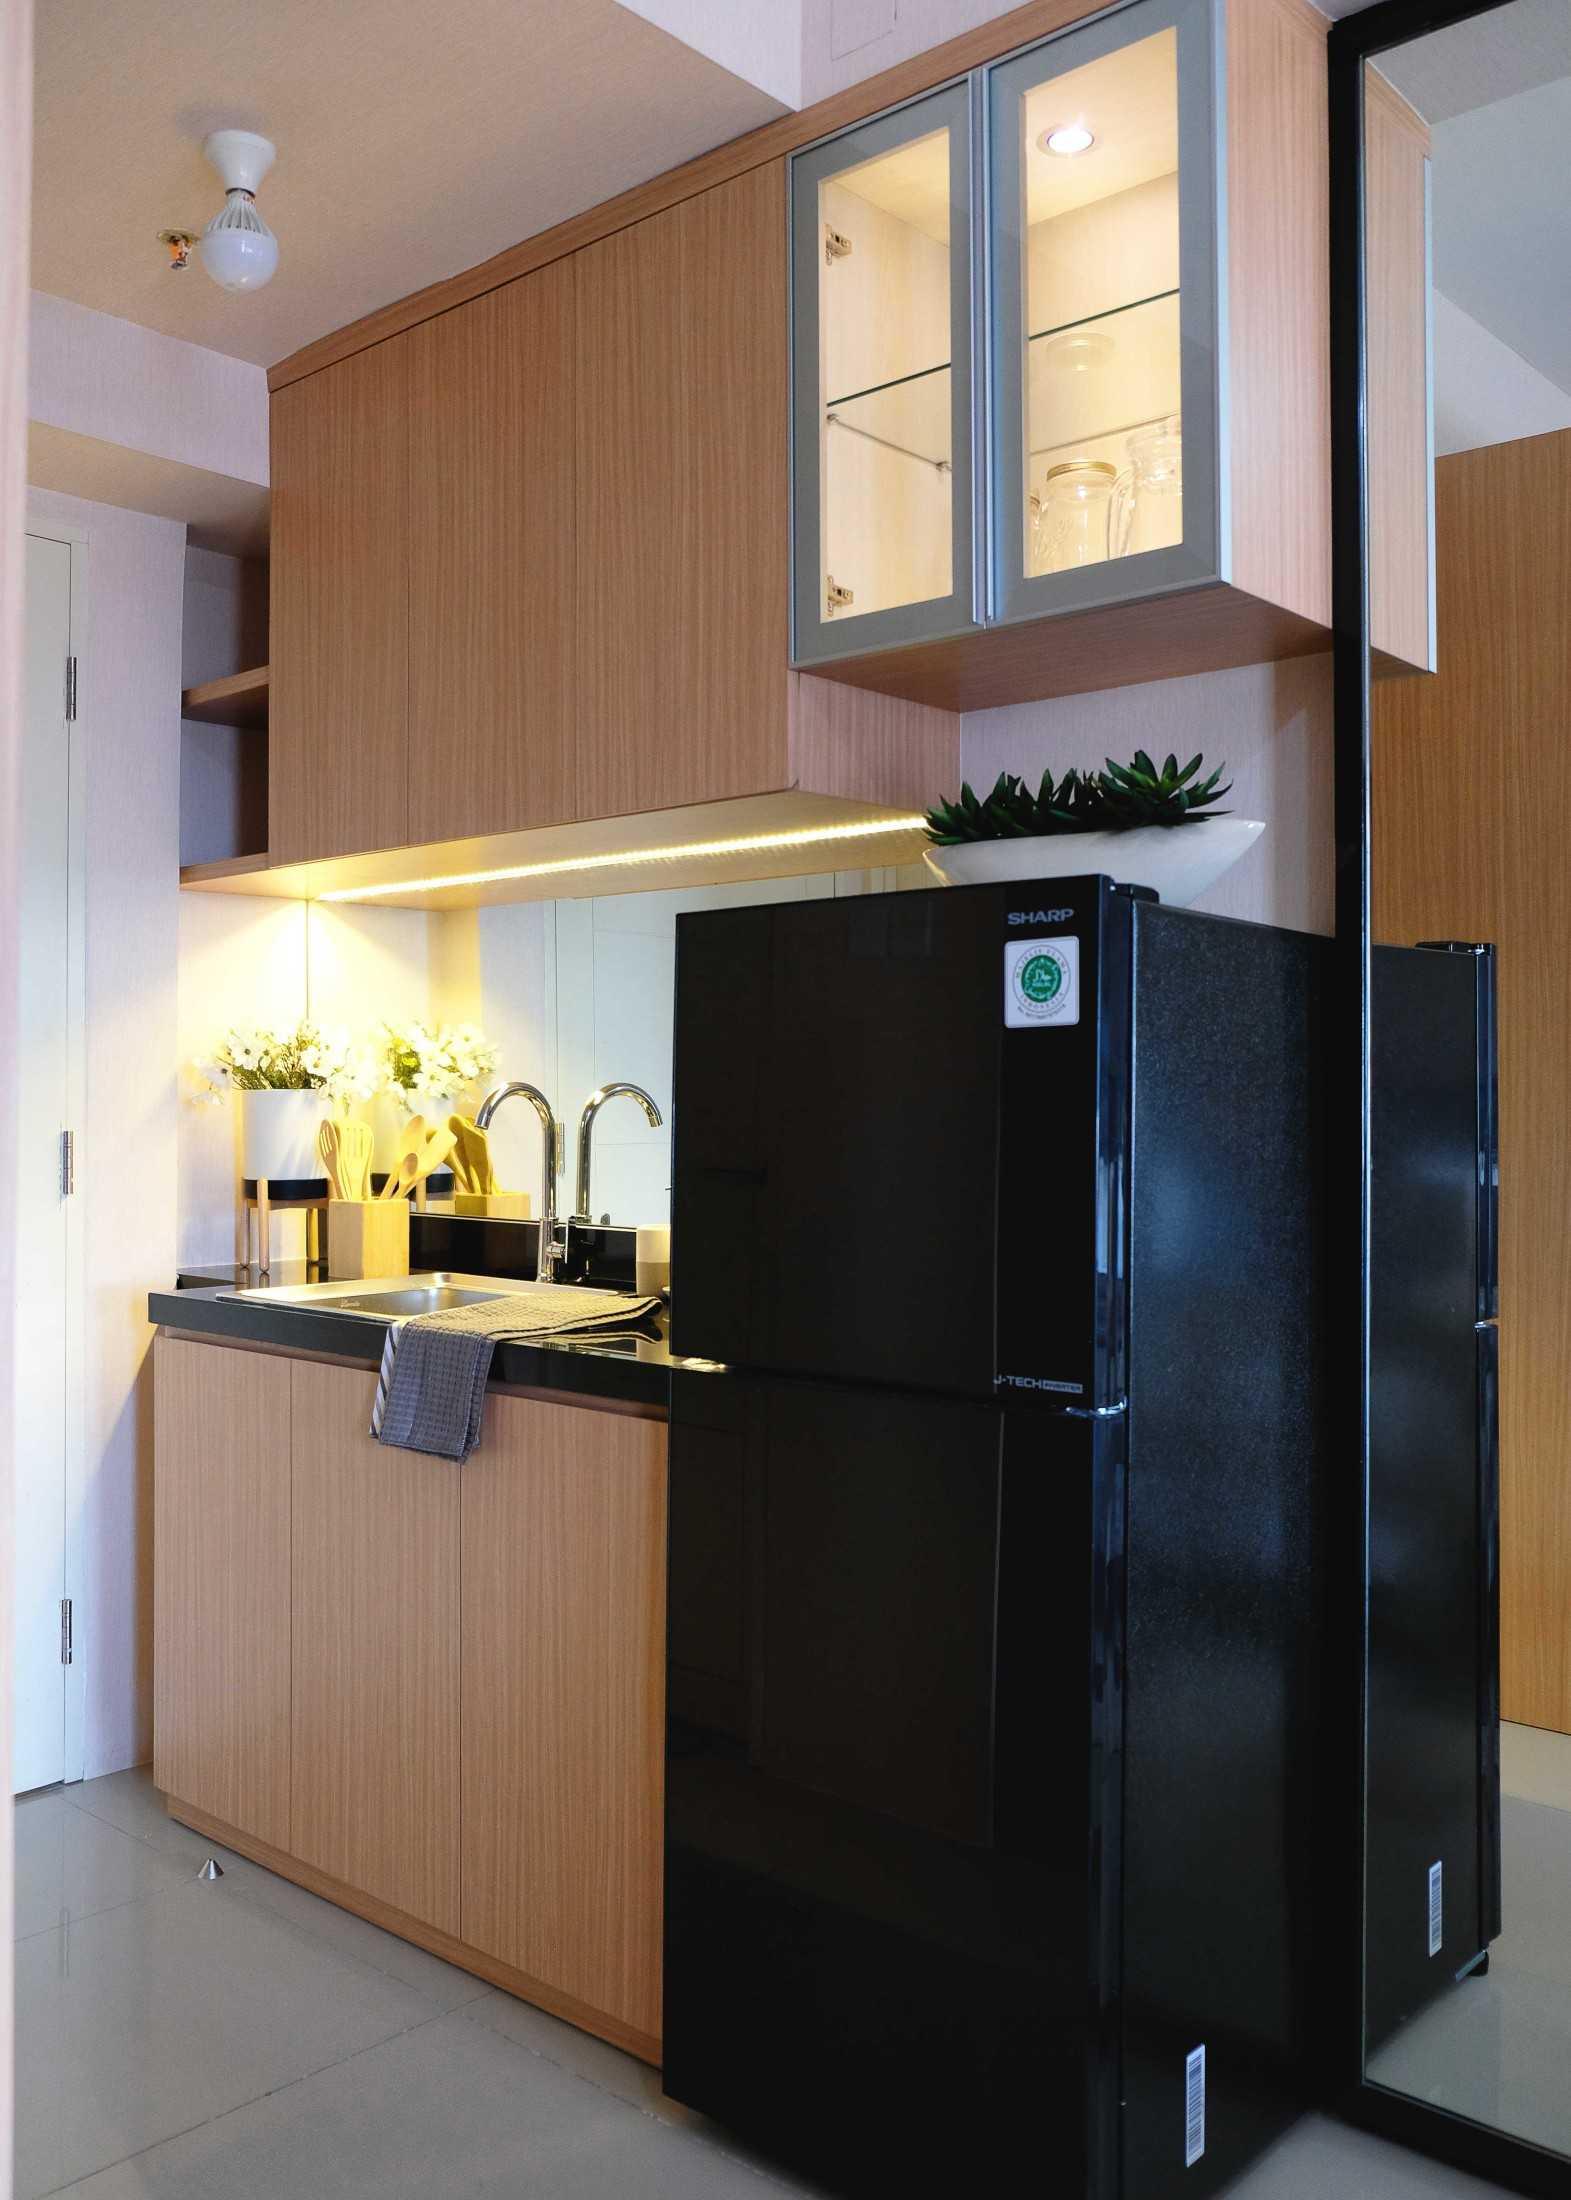 Equil Interior Tanglin Apartment Surabaya, Kota Sby, Jawa Timur, Indonesia Surabaya, Kota Sby, Jawa Timur, Indonesia Equil-Interior-Tanglin-Apartment Modern 59470